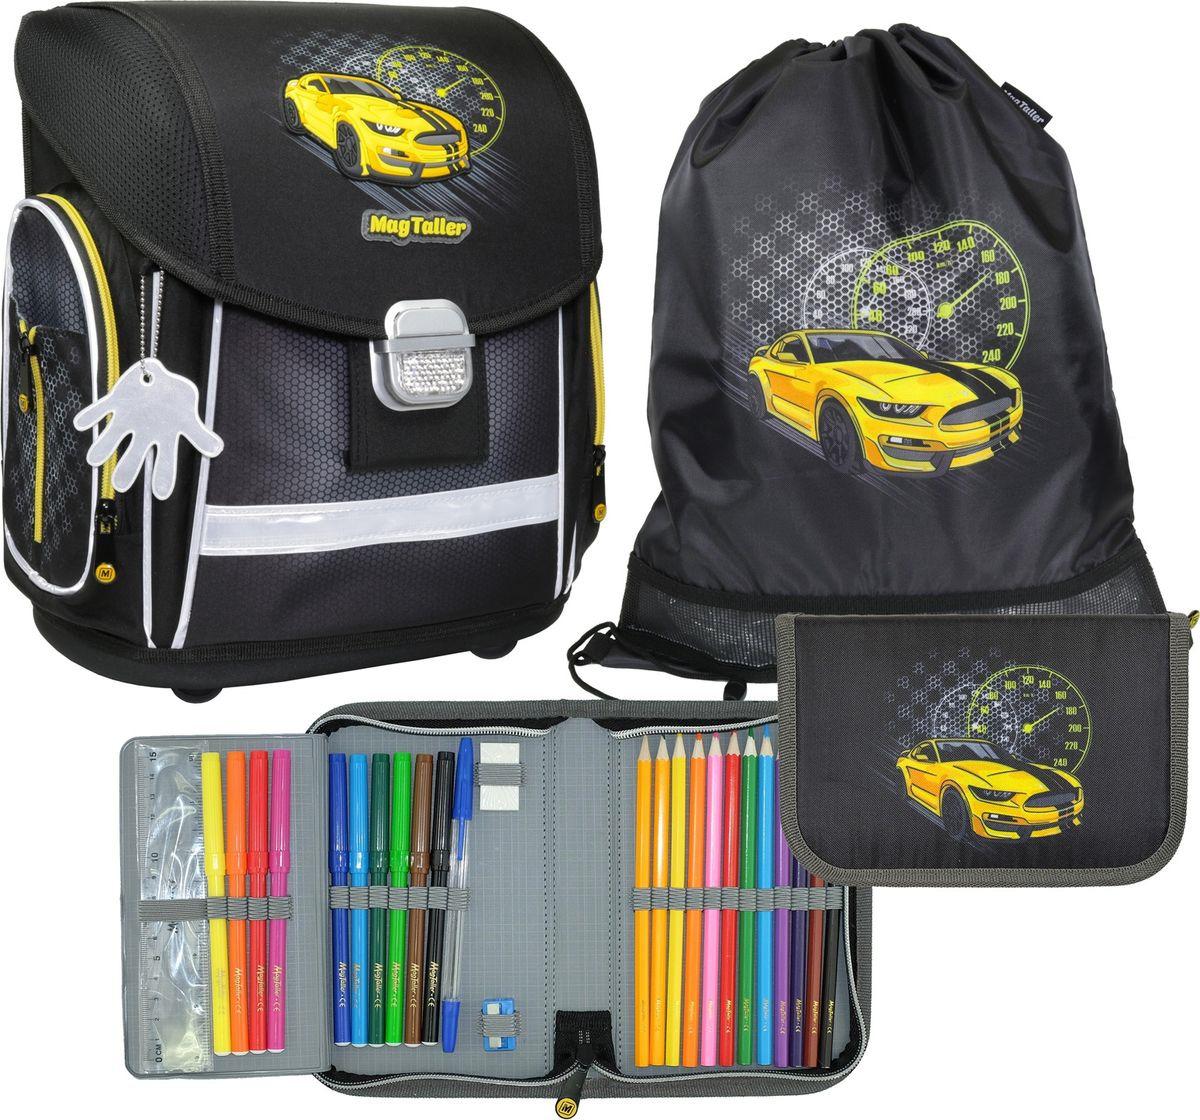 Ранец школьный MagTaller Evo Racing, с наполнением, 21815-06, черный, 37 х 30 х 21 см